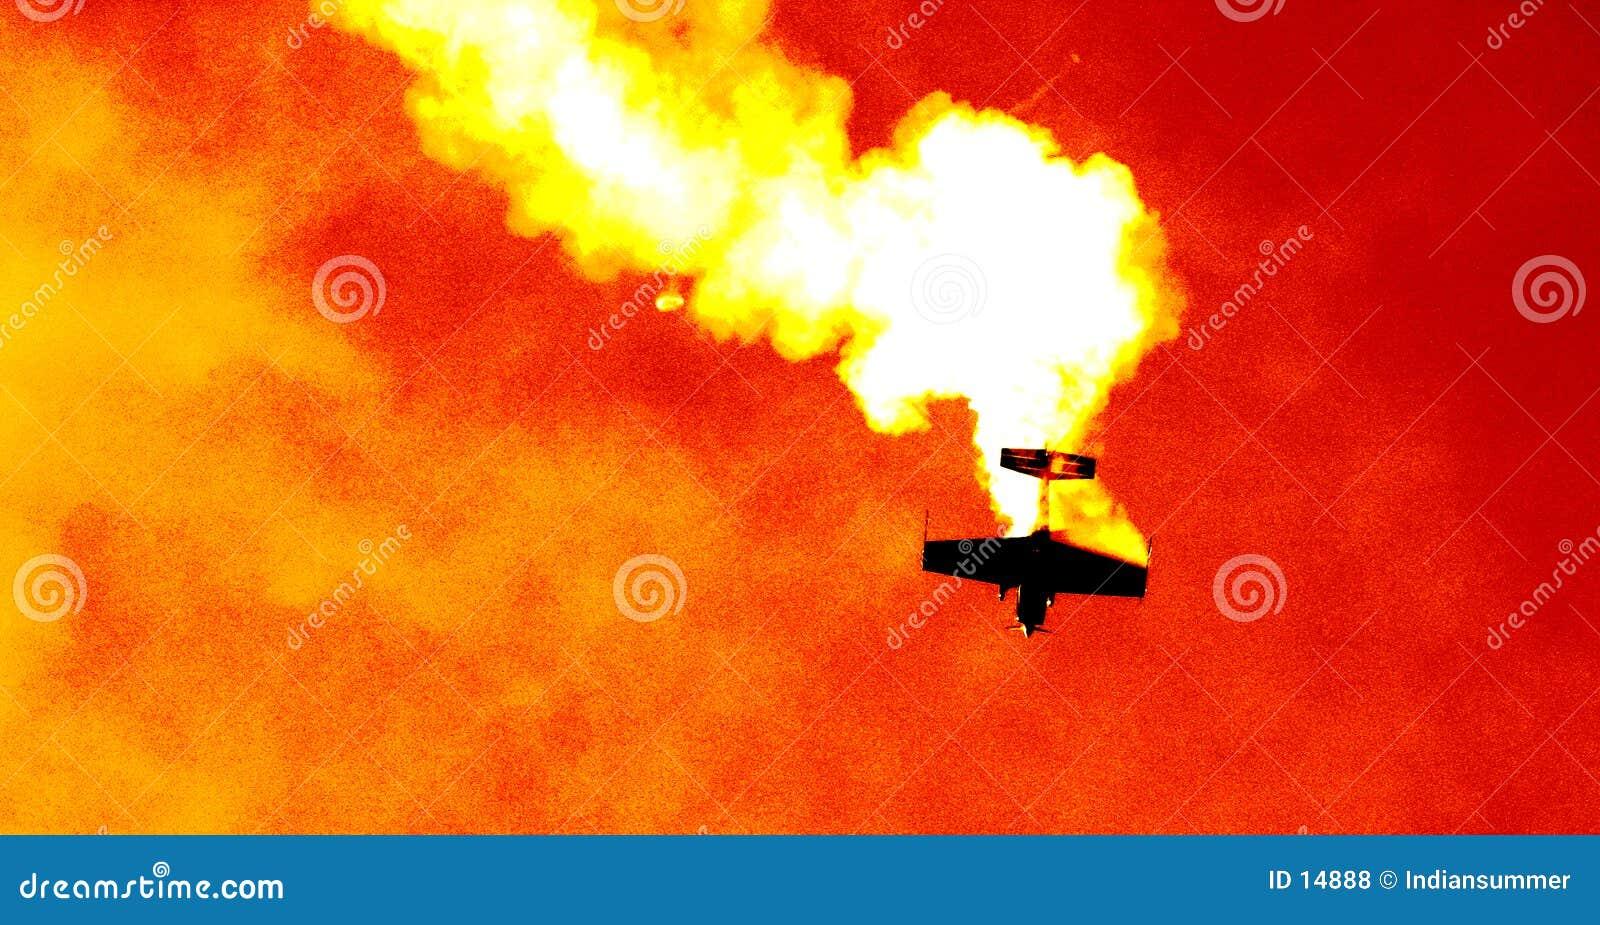 Flugzeug in der Wolke von Rauche III